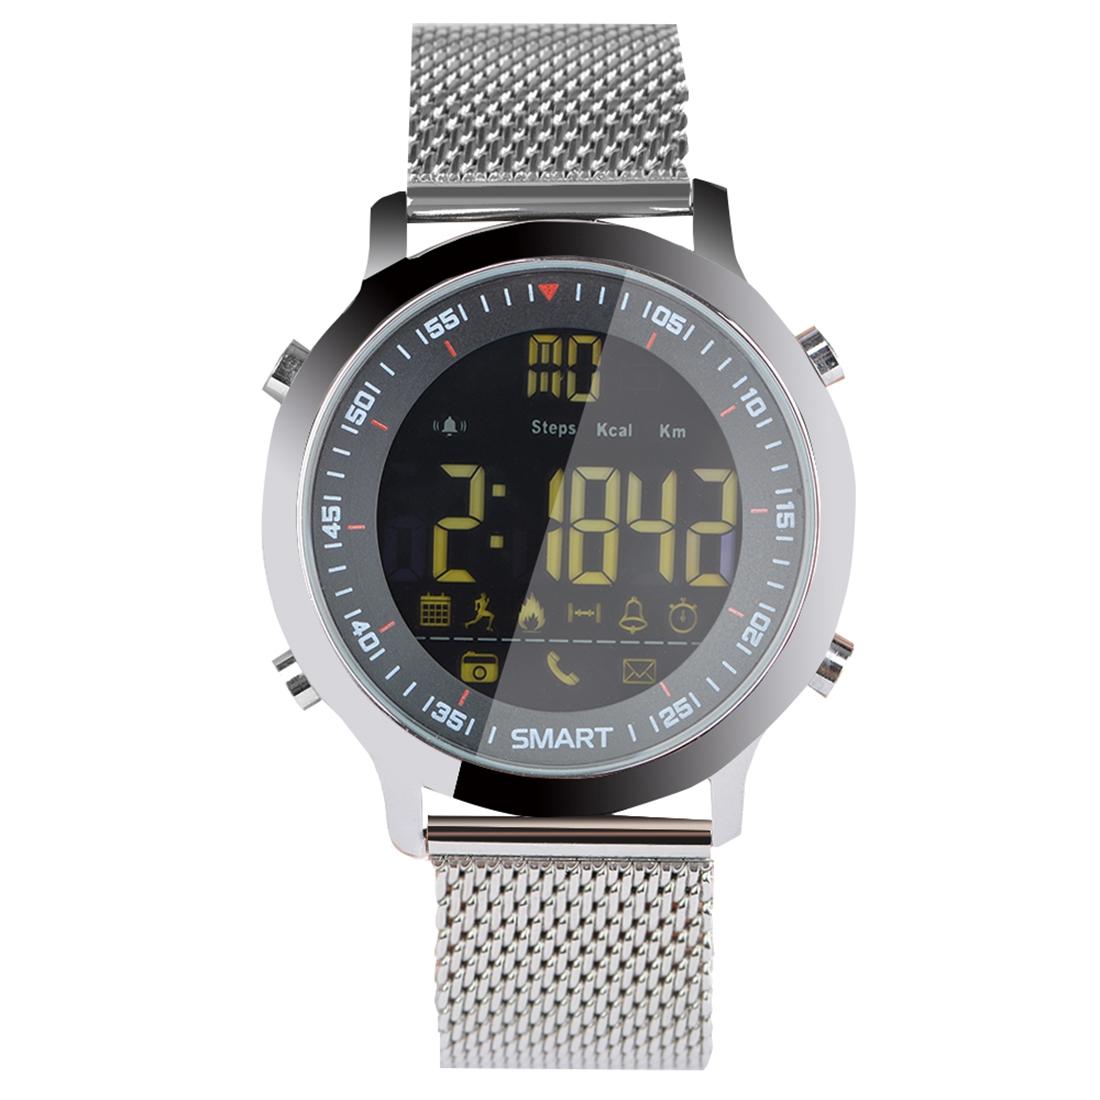 Xiaomi - EX18C Inteligentní sportovní hodinky FSTN obrazovka s plným náhledem, stříbrná